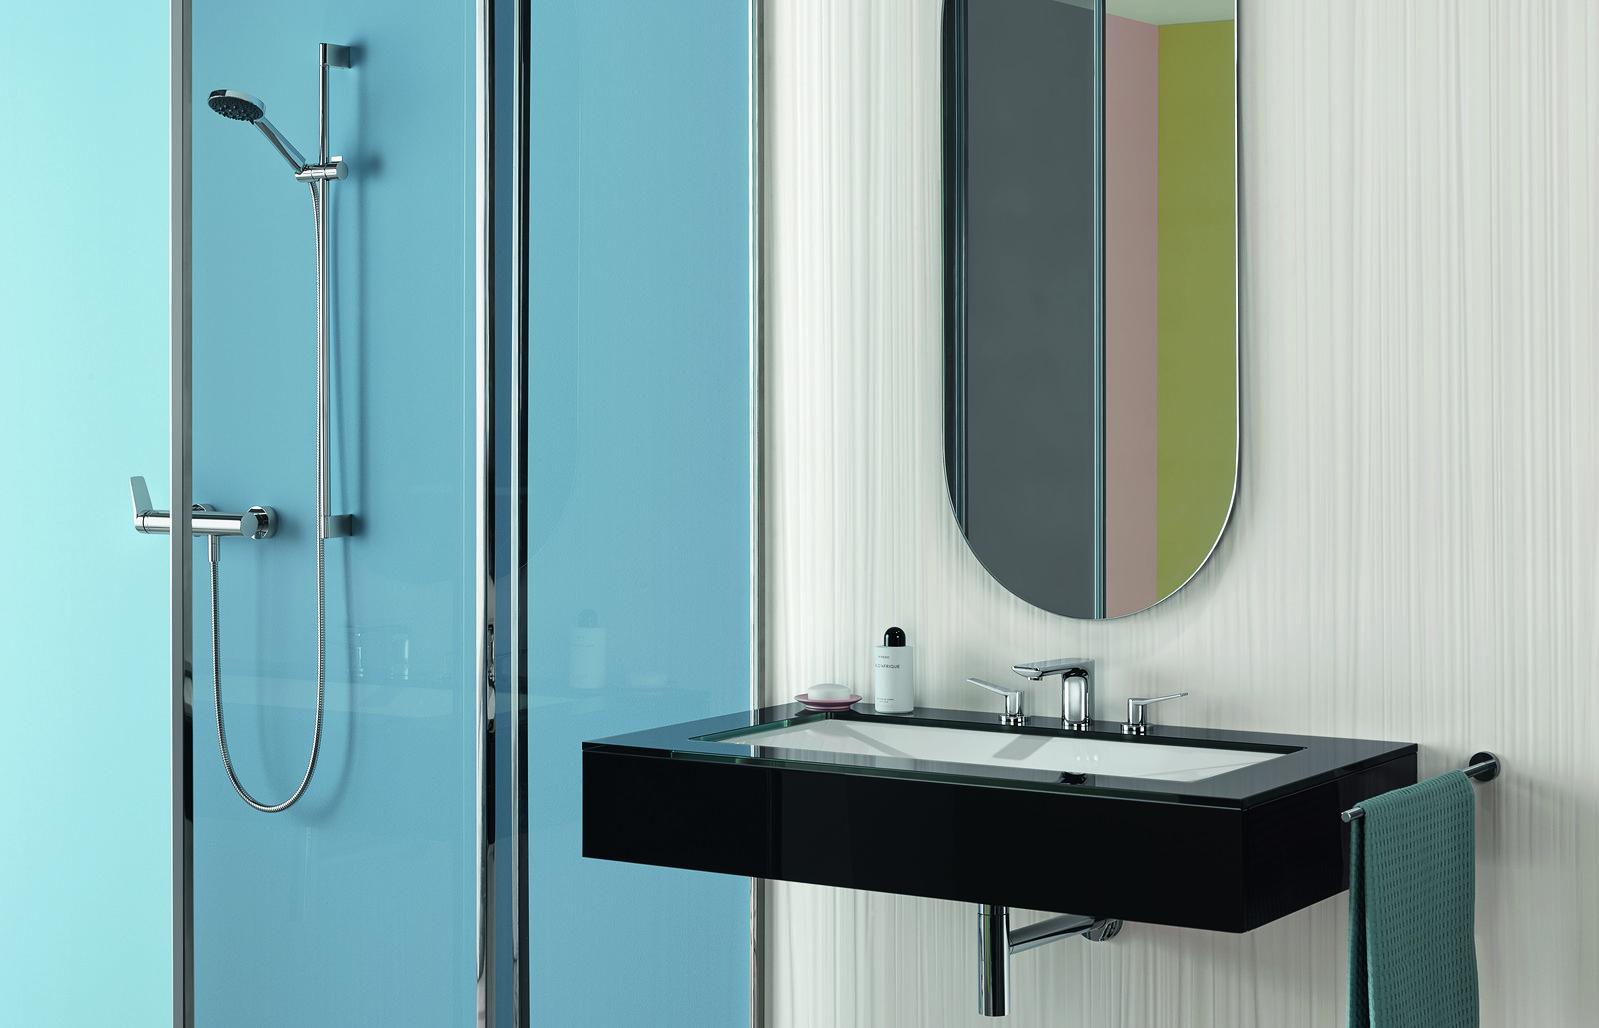 Wassersparende Badarmatur Dornbracht Liss 233 Interiorpark